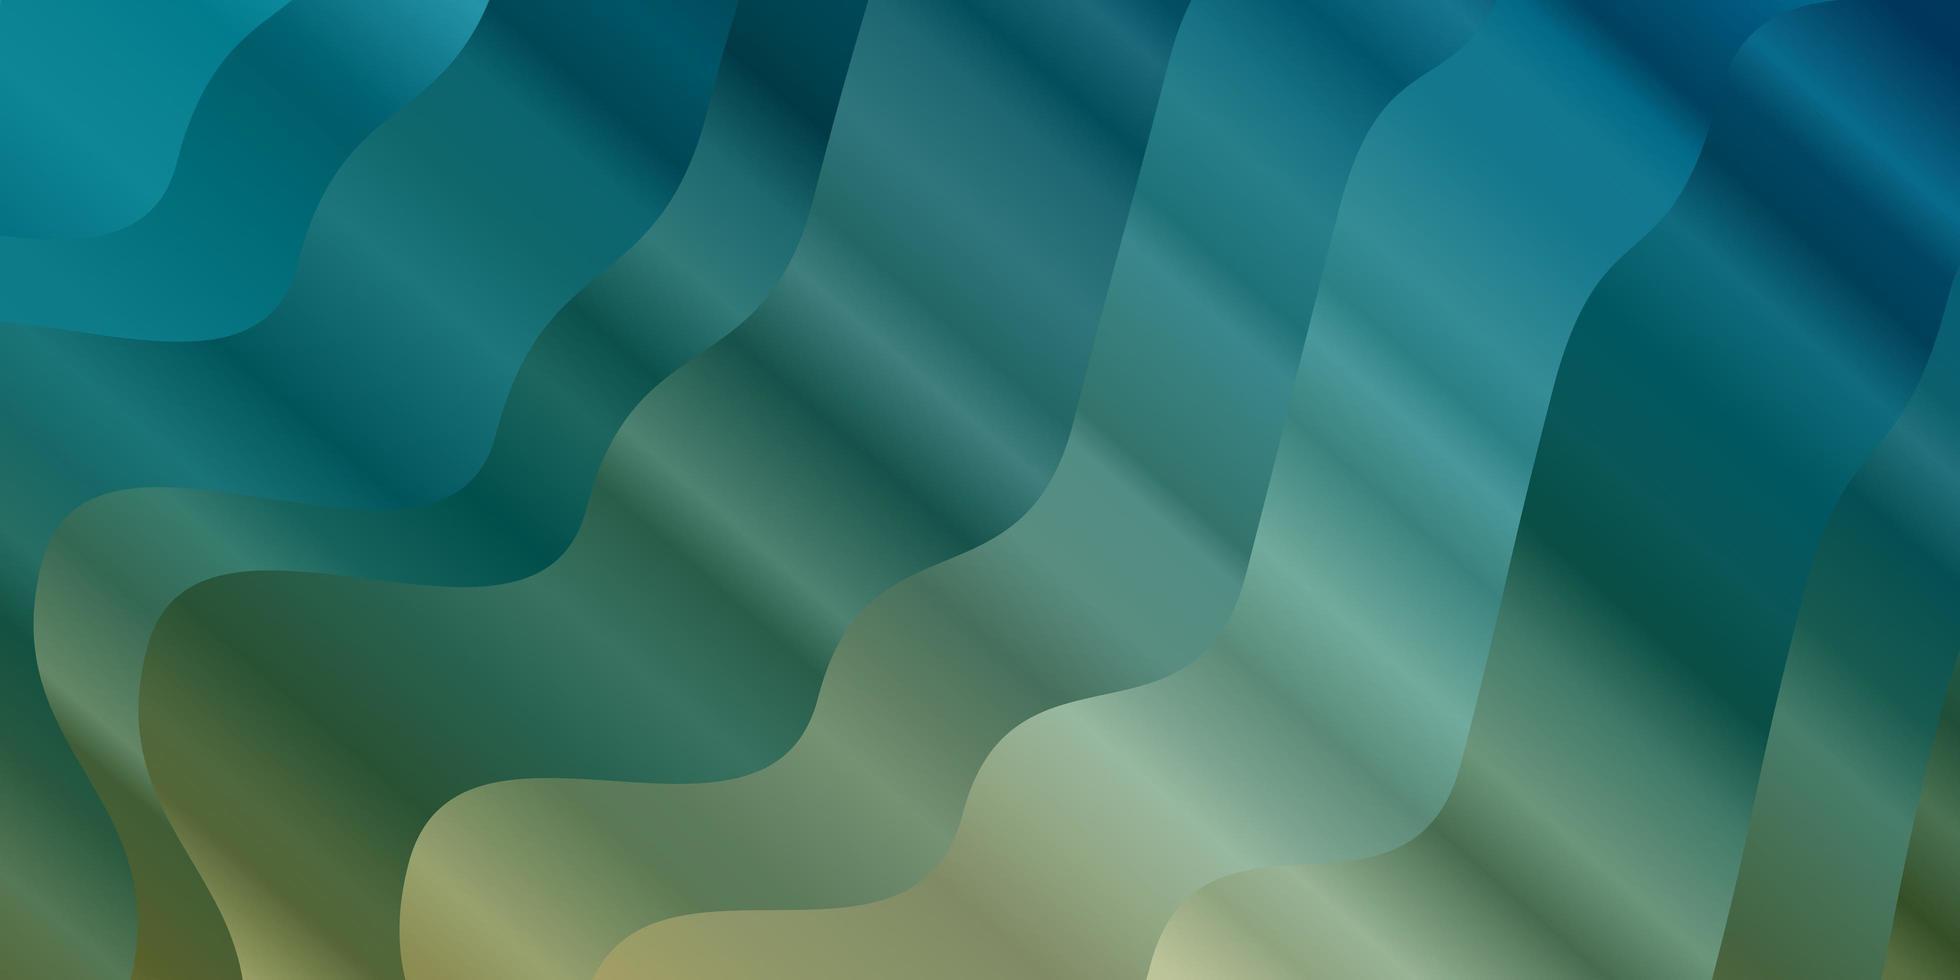 ljusblå, gul bakgrund med cirkulär båge. vektor